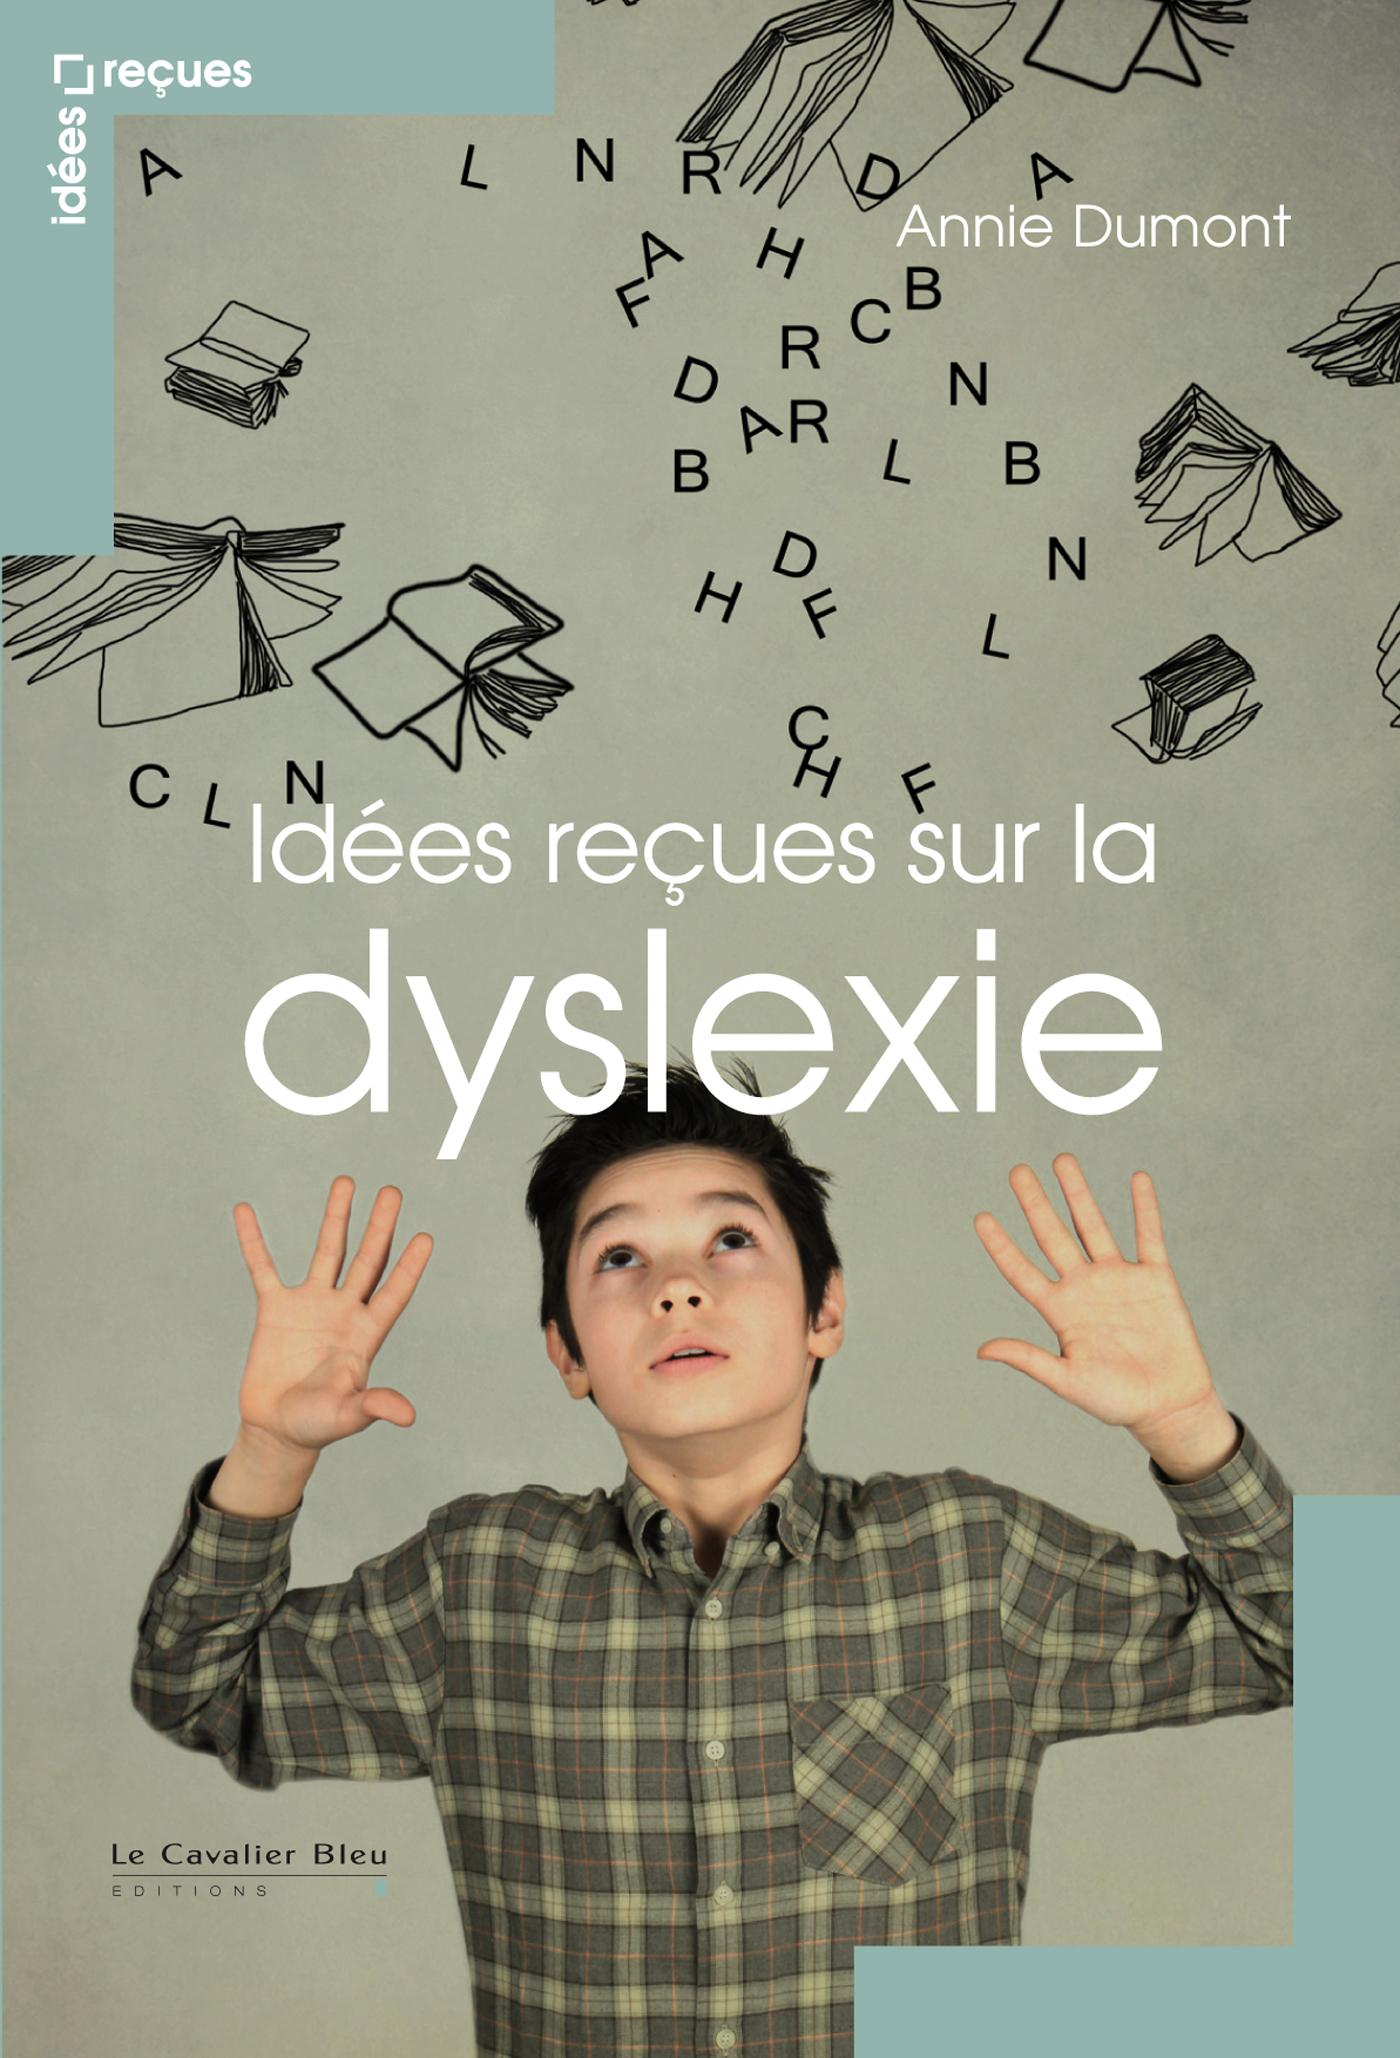 IDEES RECUES SUR LA DYSLEXIE